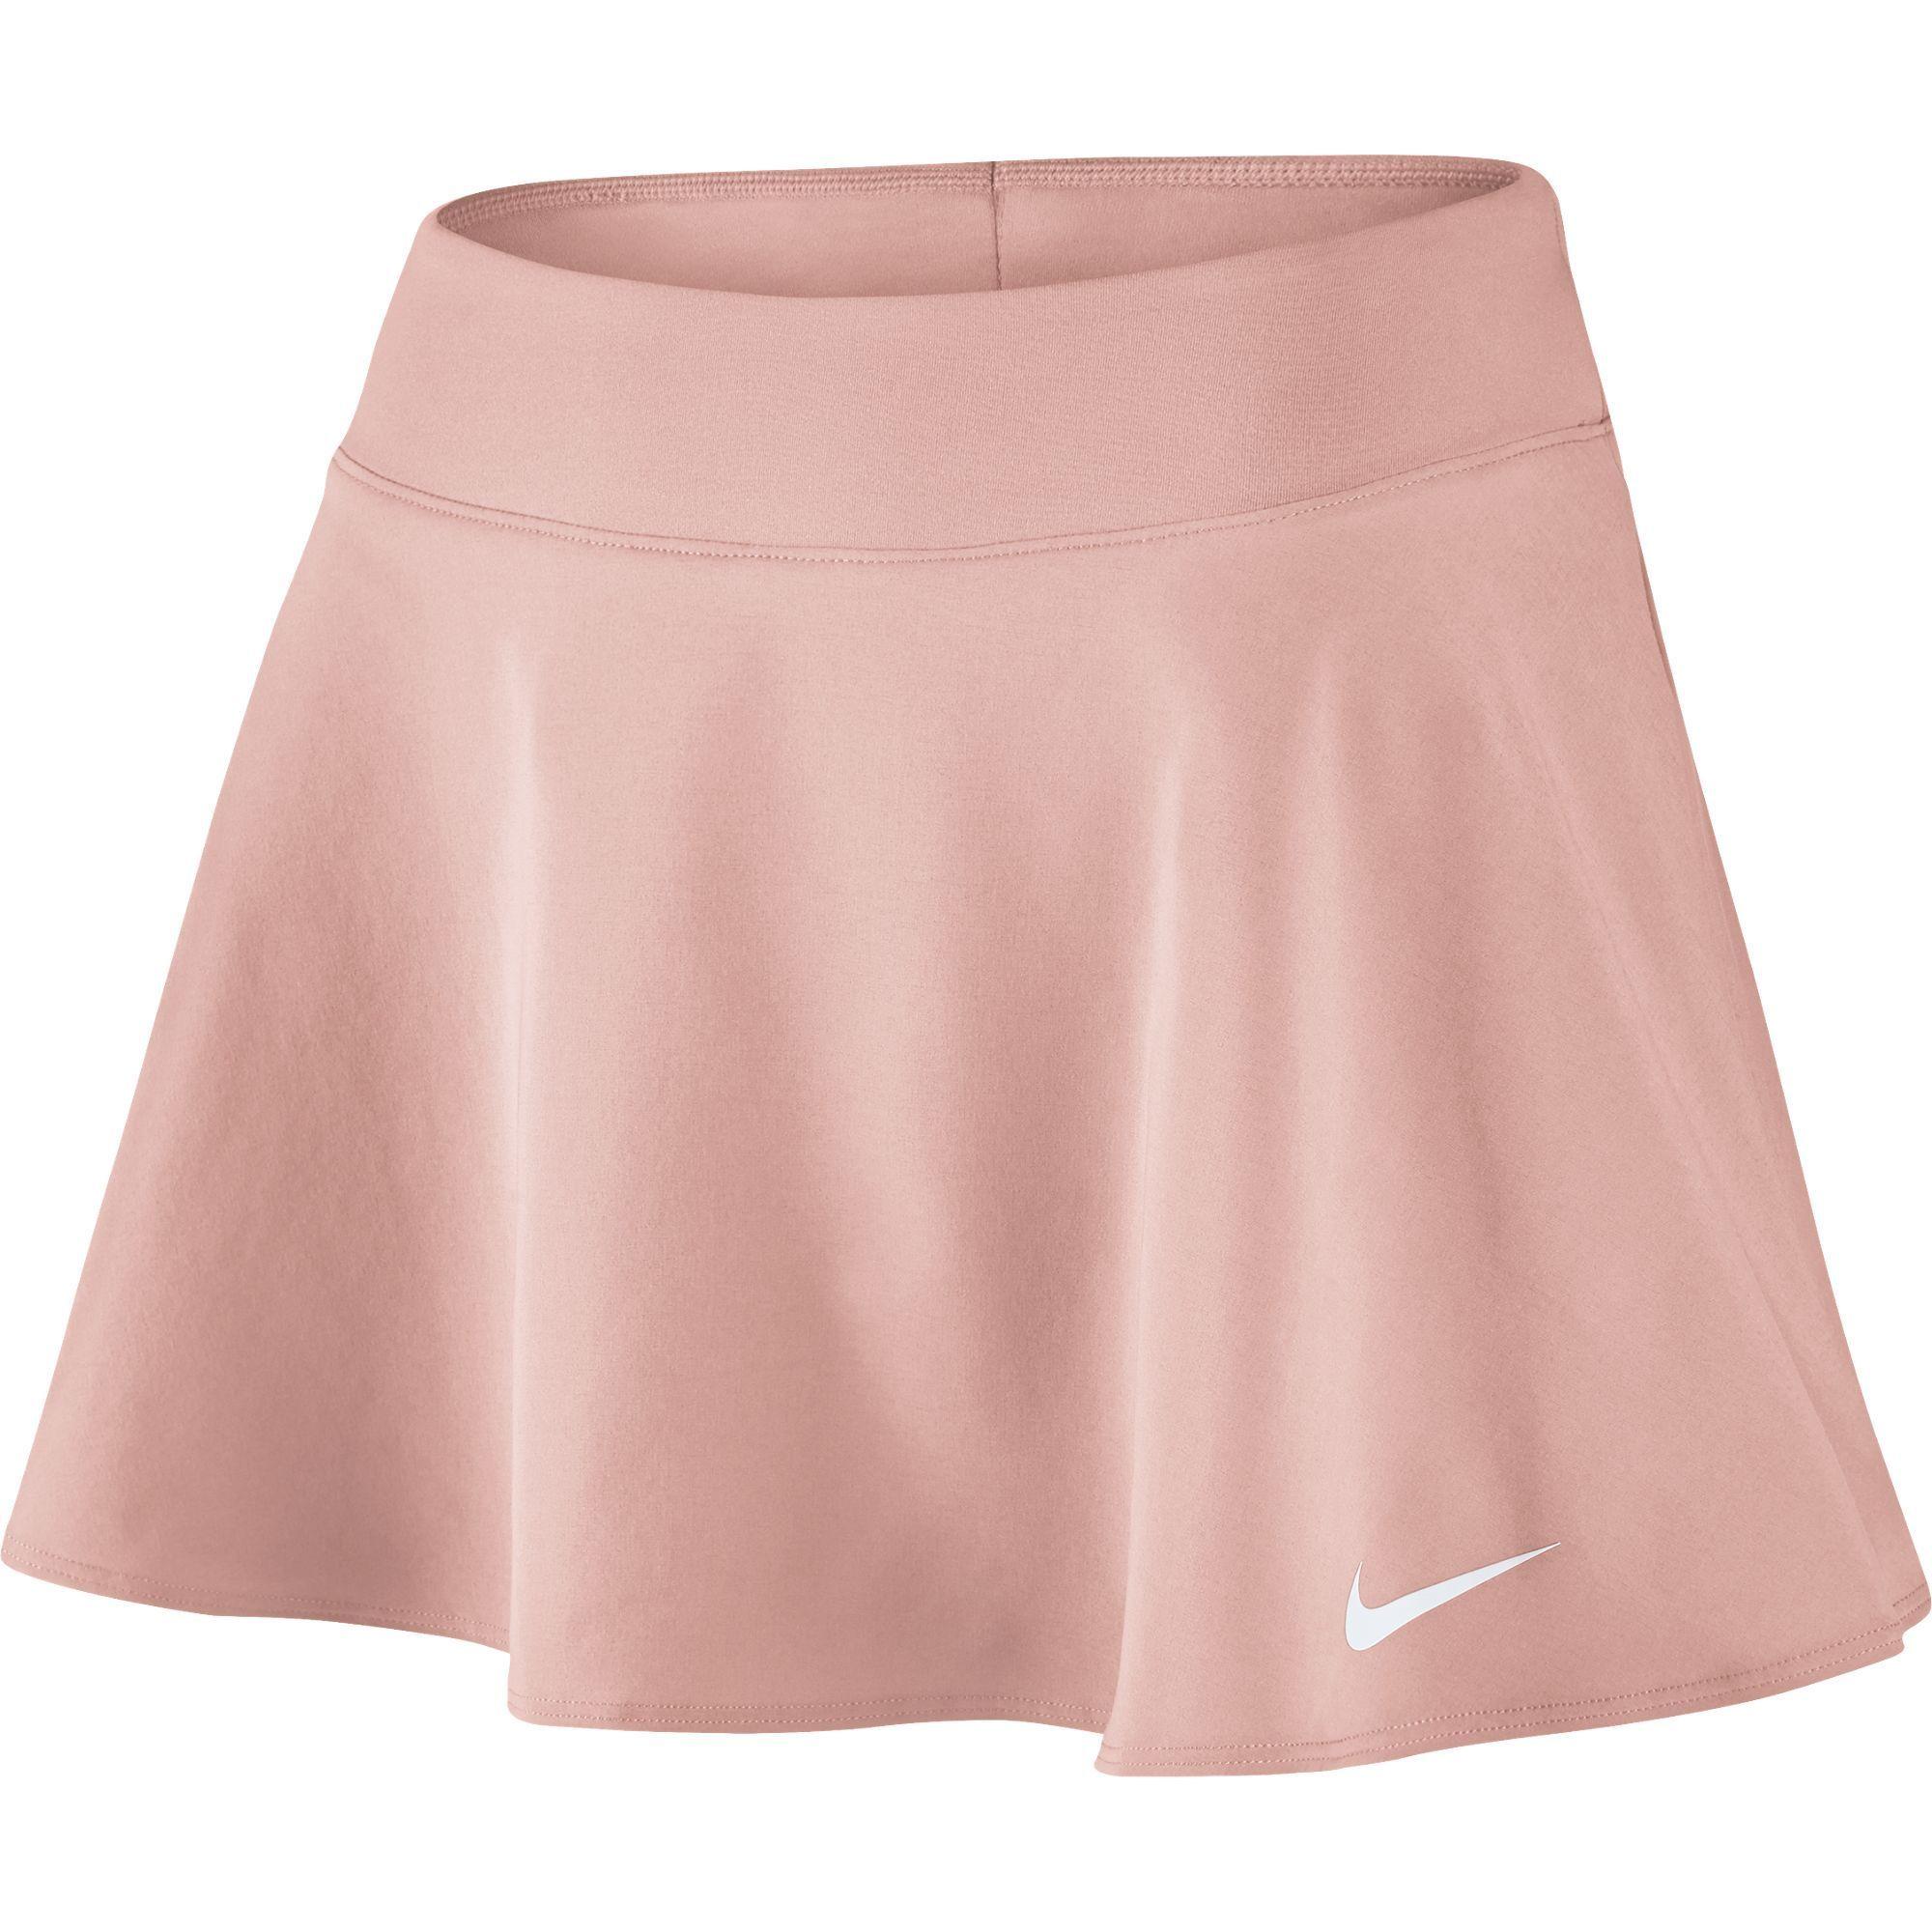 8884dec76a9d Nike Women s Court Pure Flouncy Tennis Skirt  howtoplaytennis ...